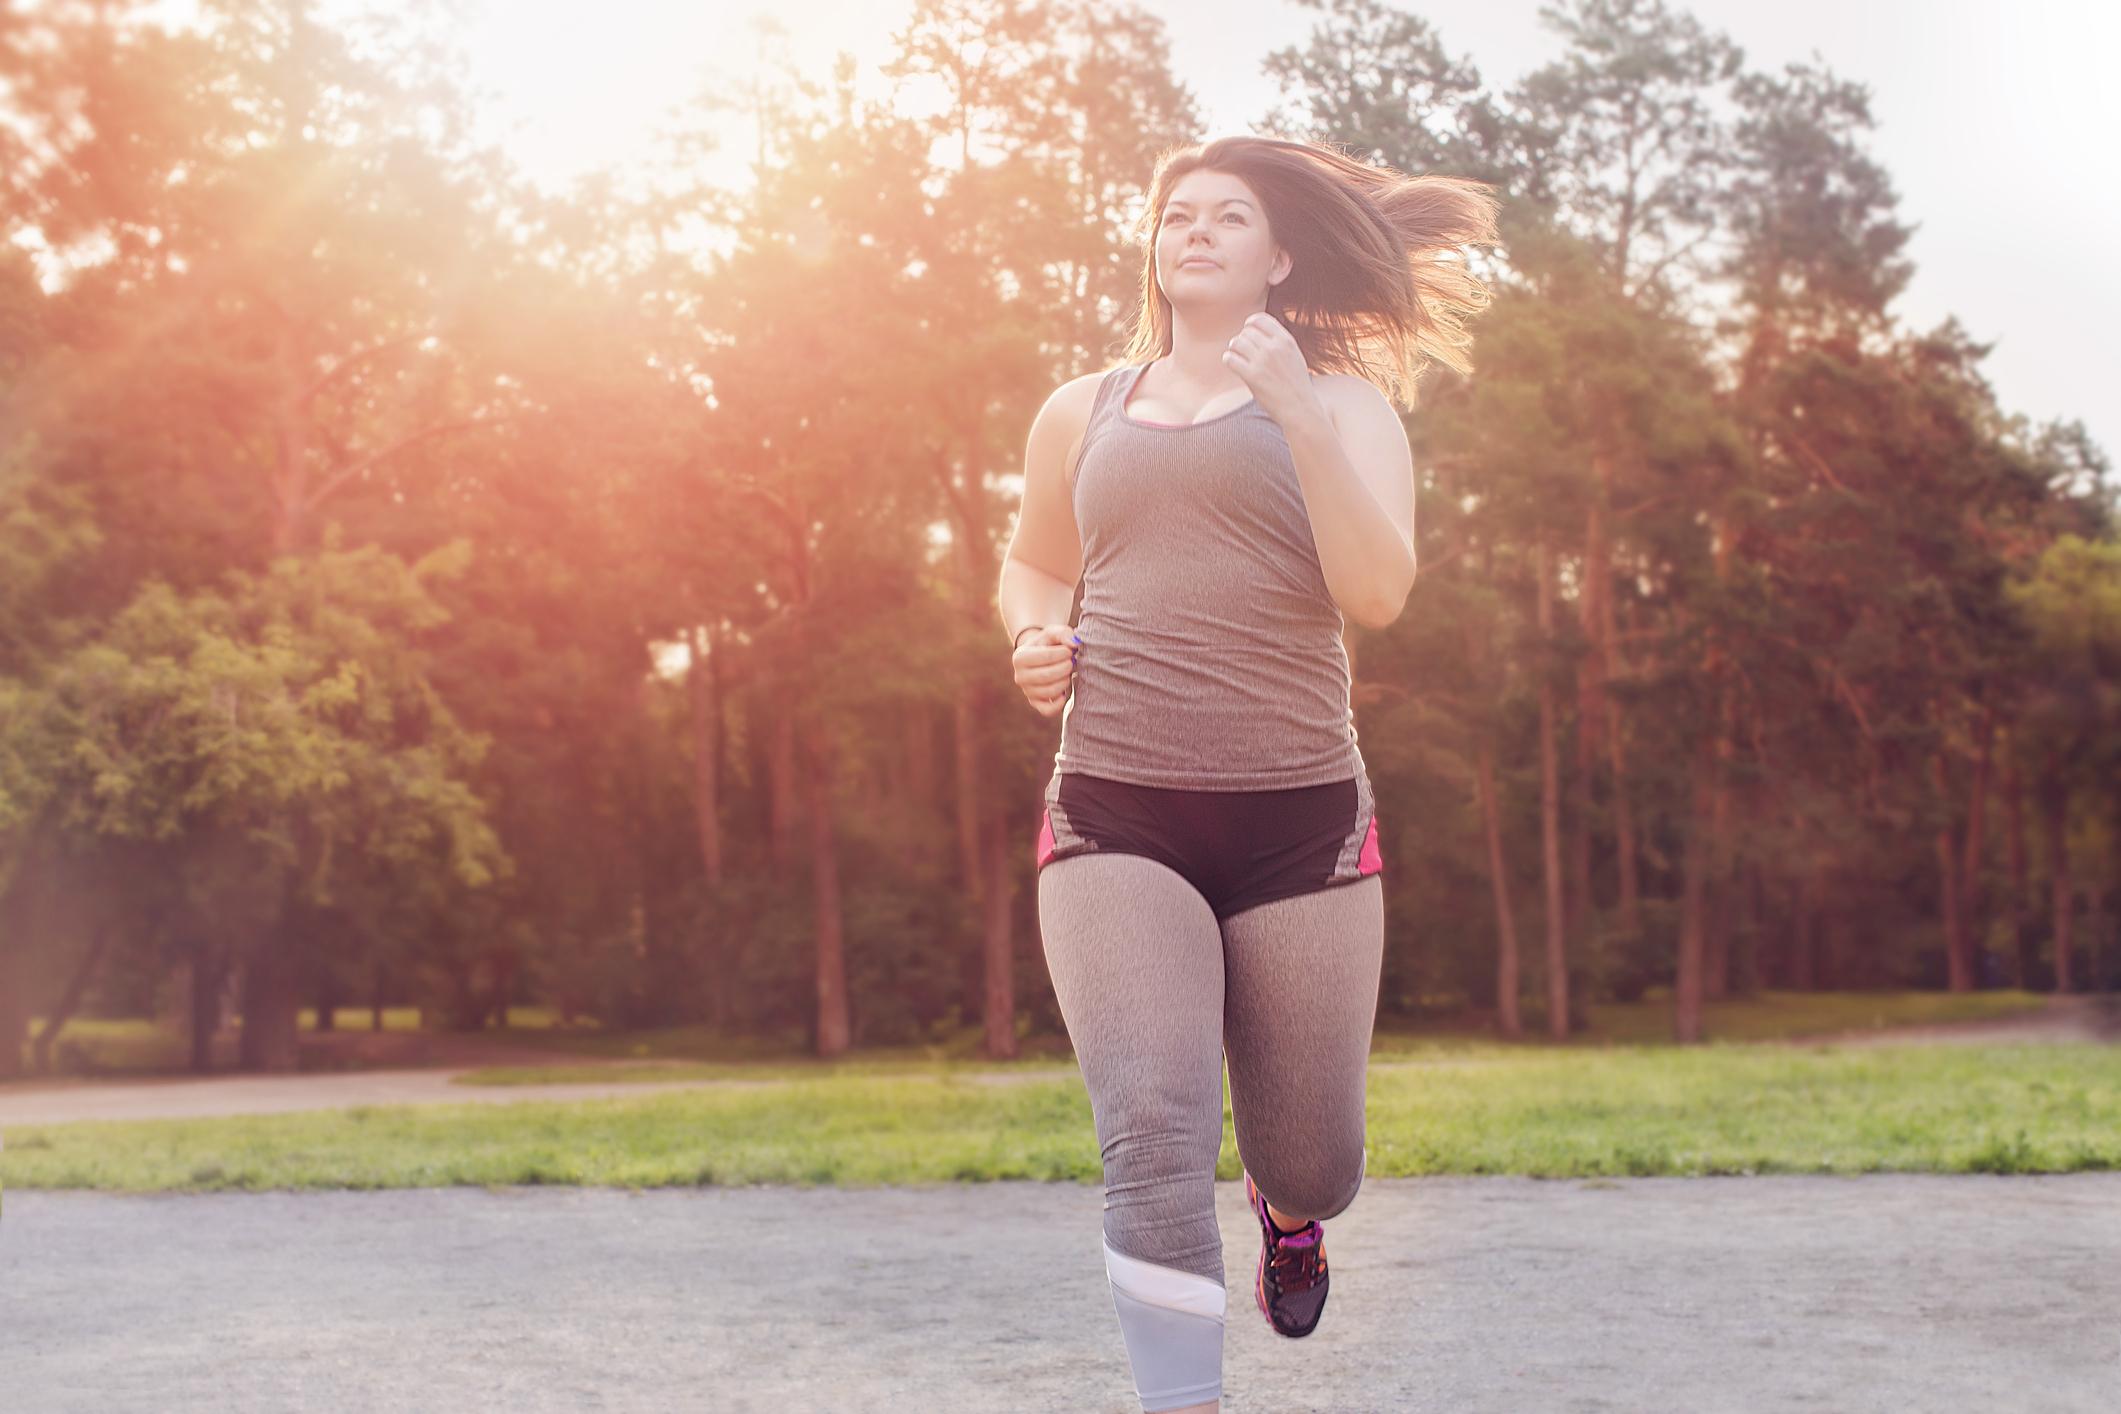 Бег Способствует Похудению. Бег для похудения: как и сколько нужно бегать, чтобы похудеть